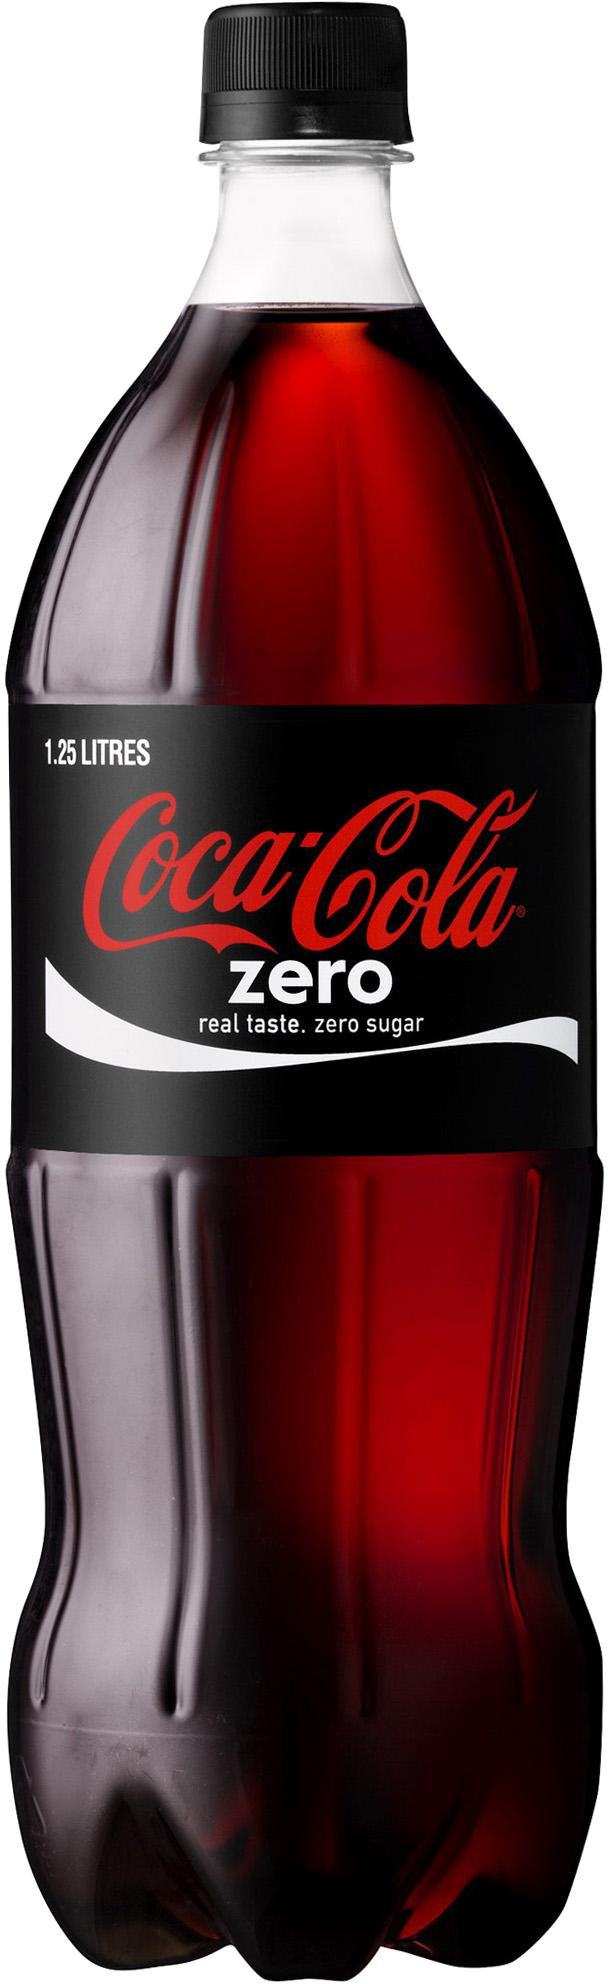 Кока-кола бутылка PNG фото Coca Cola bottle